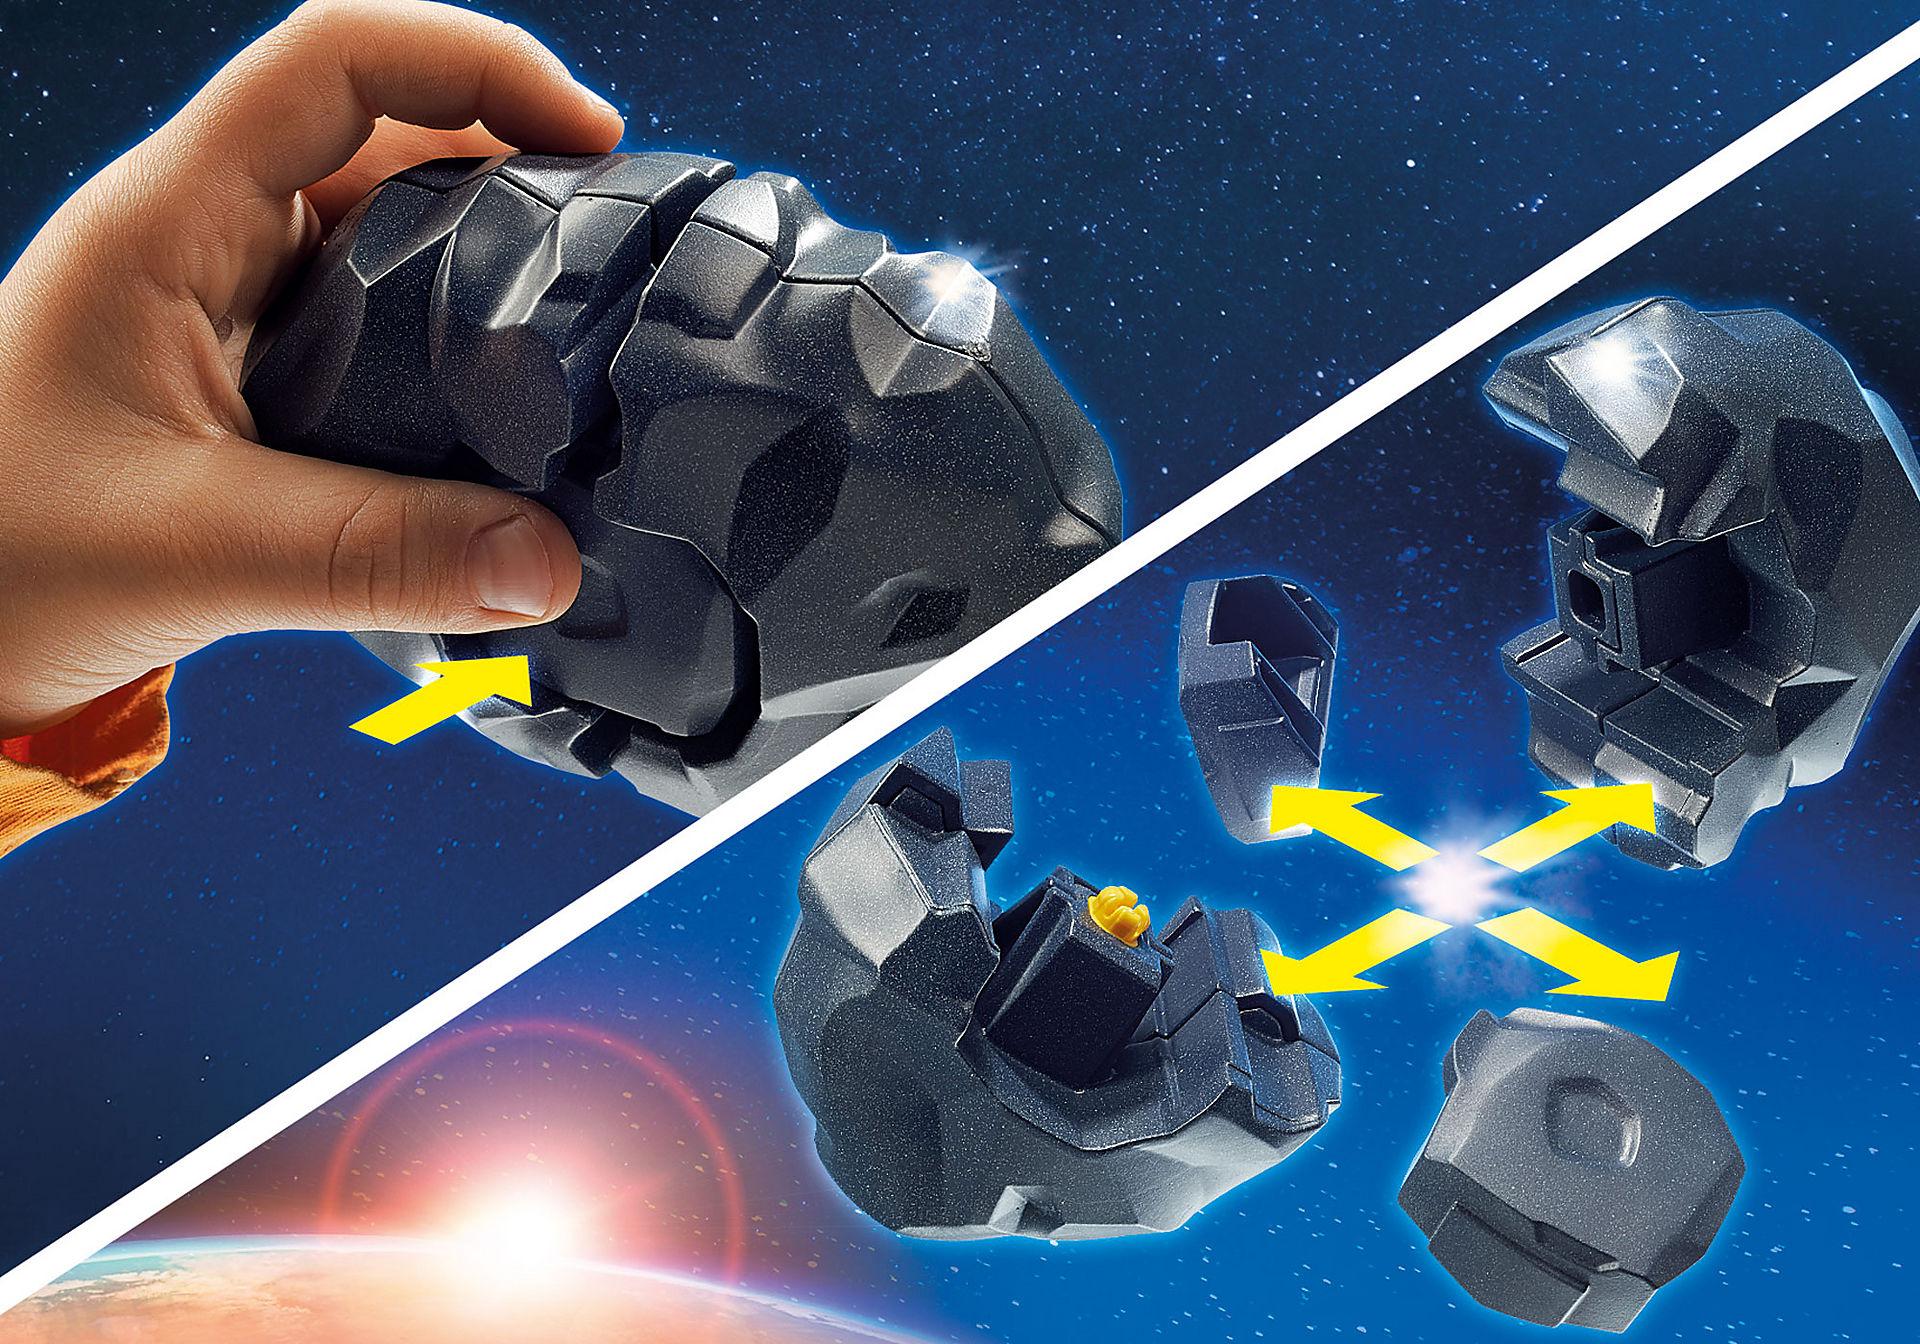 9490 Meteoroïde laser zoom image5